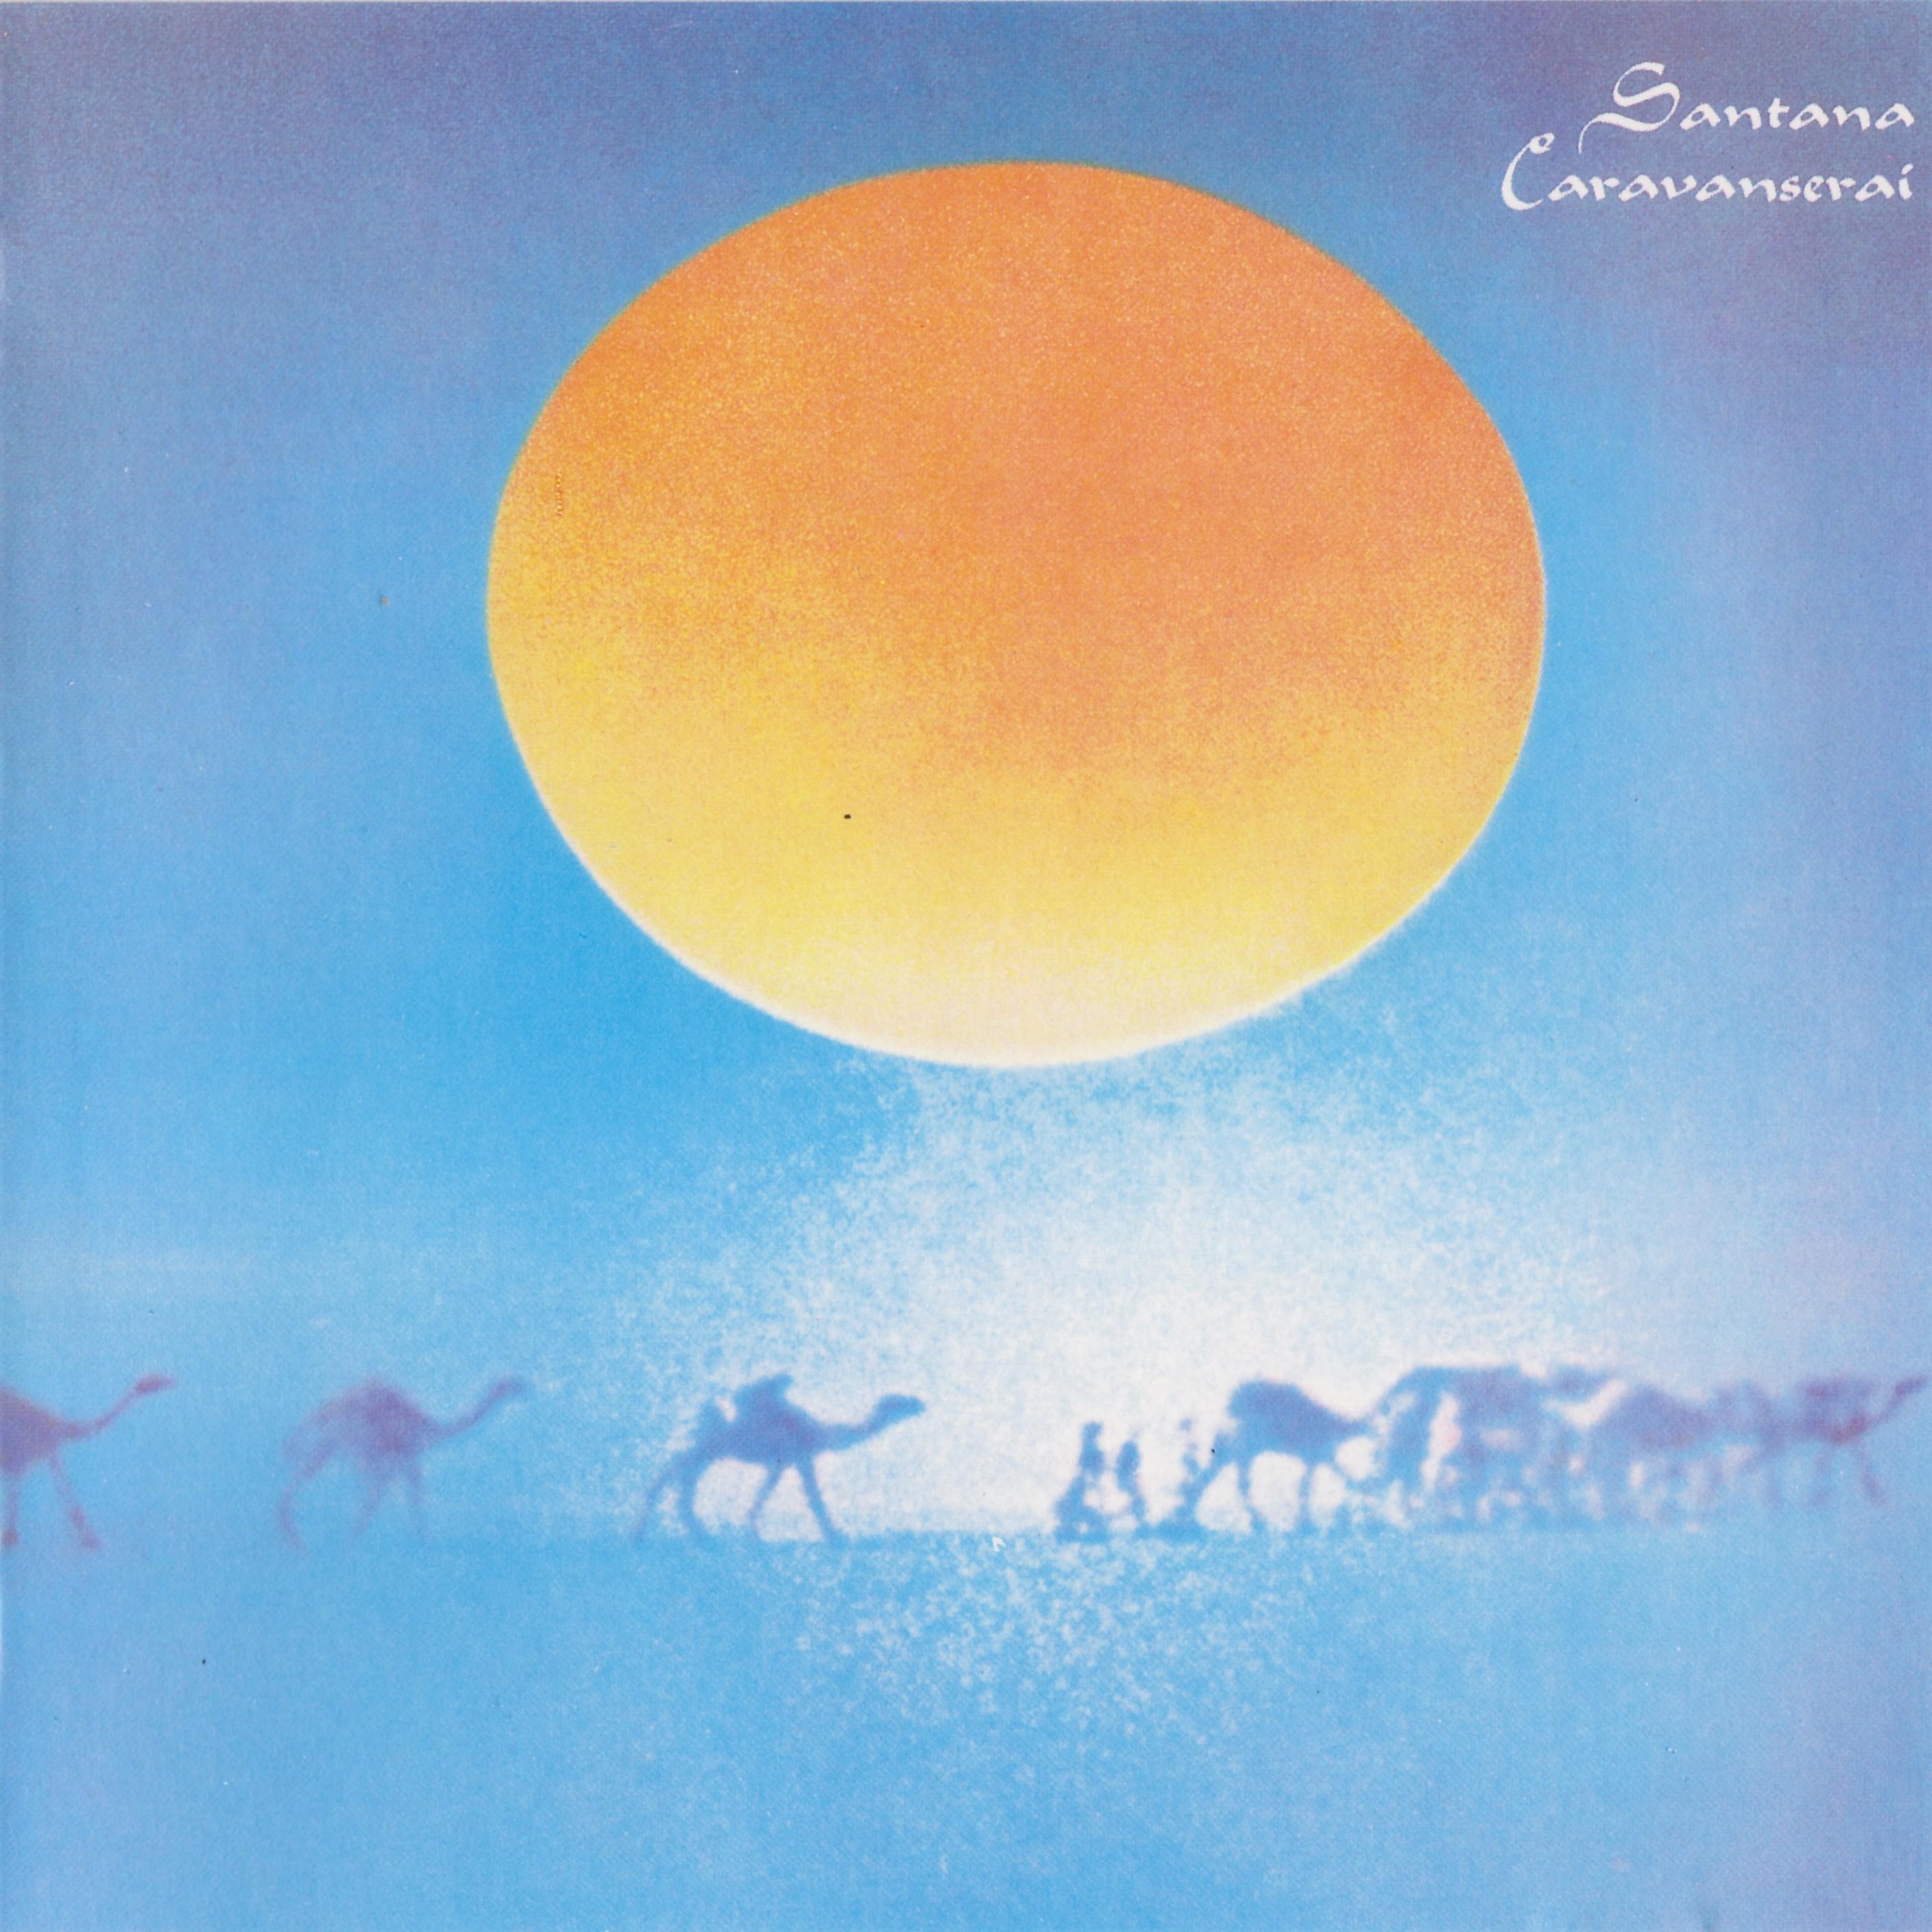 Santana Caravanserai Viva Vinyl Viva Vinyl